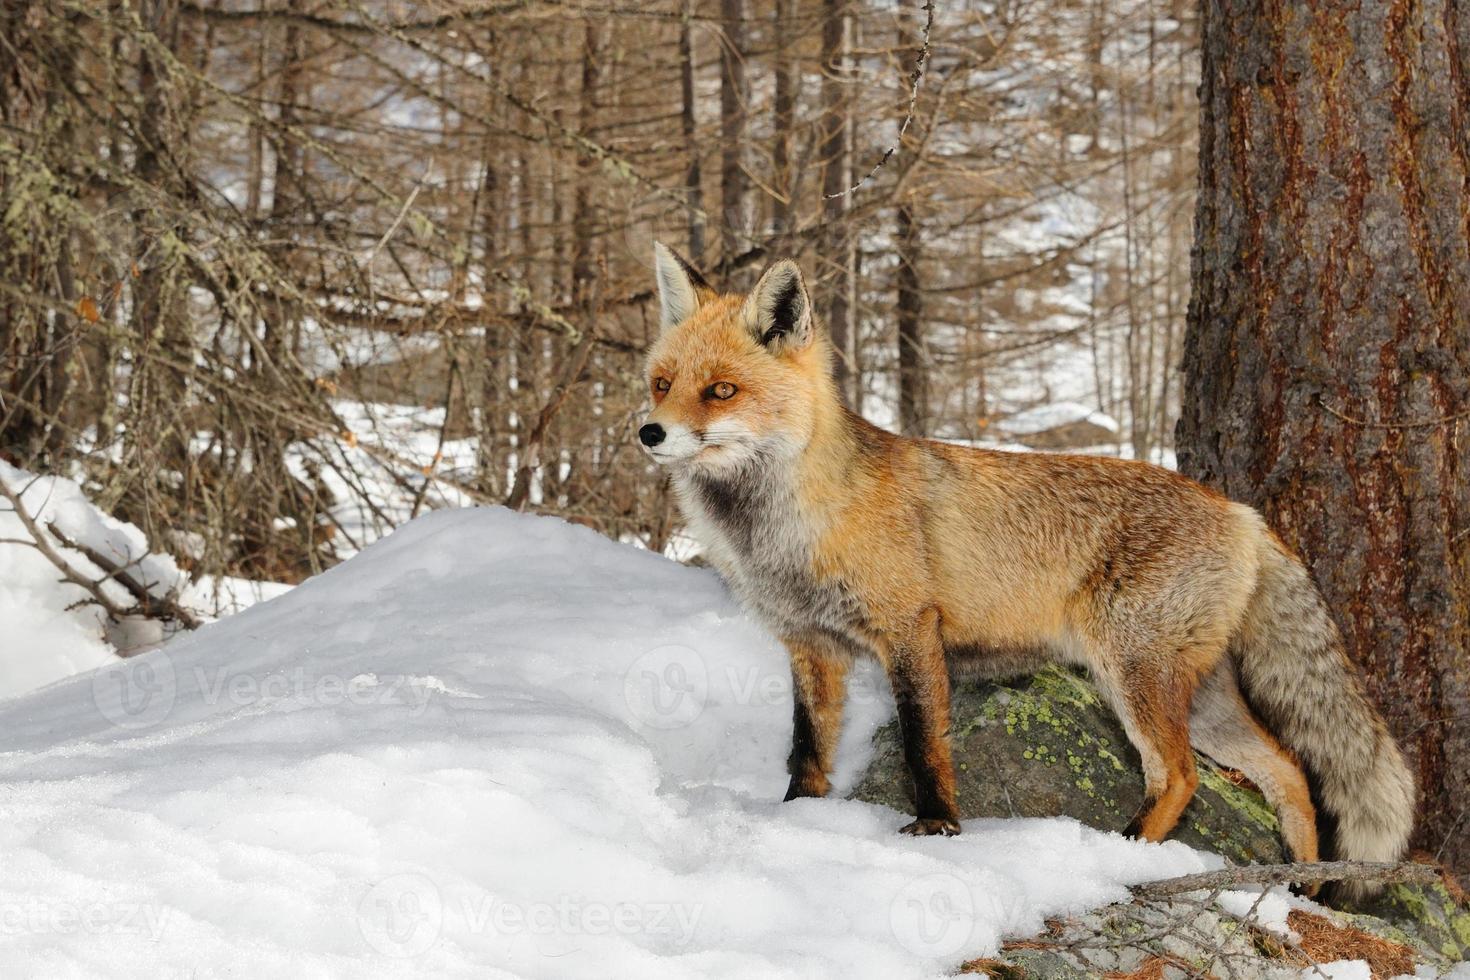 volpe rossa in habitat alpino innevato foto